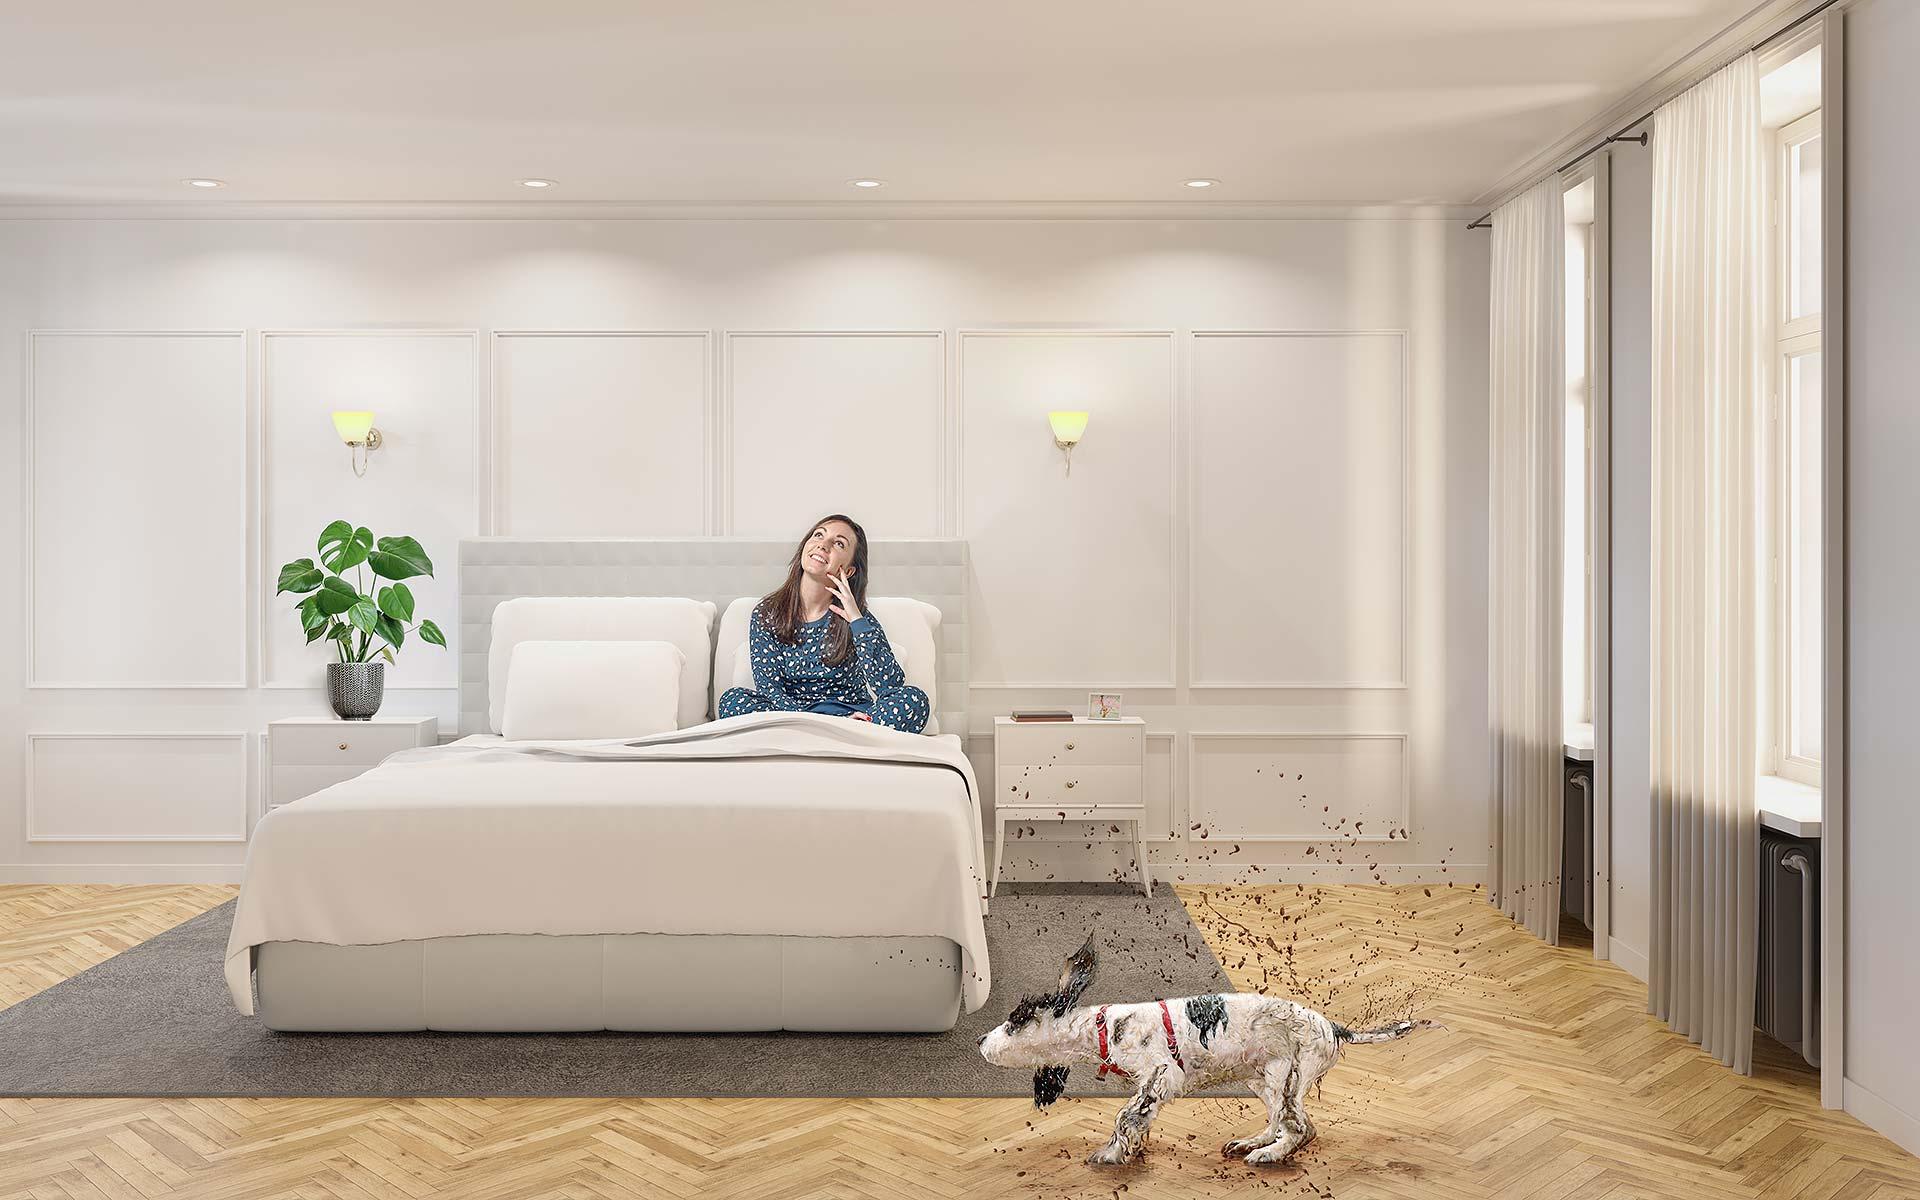 Schlafzimmer Decke Spanndecke - Siegen